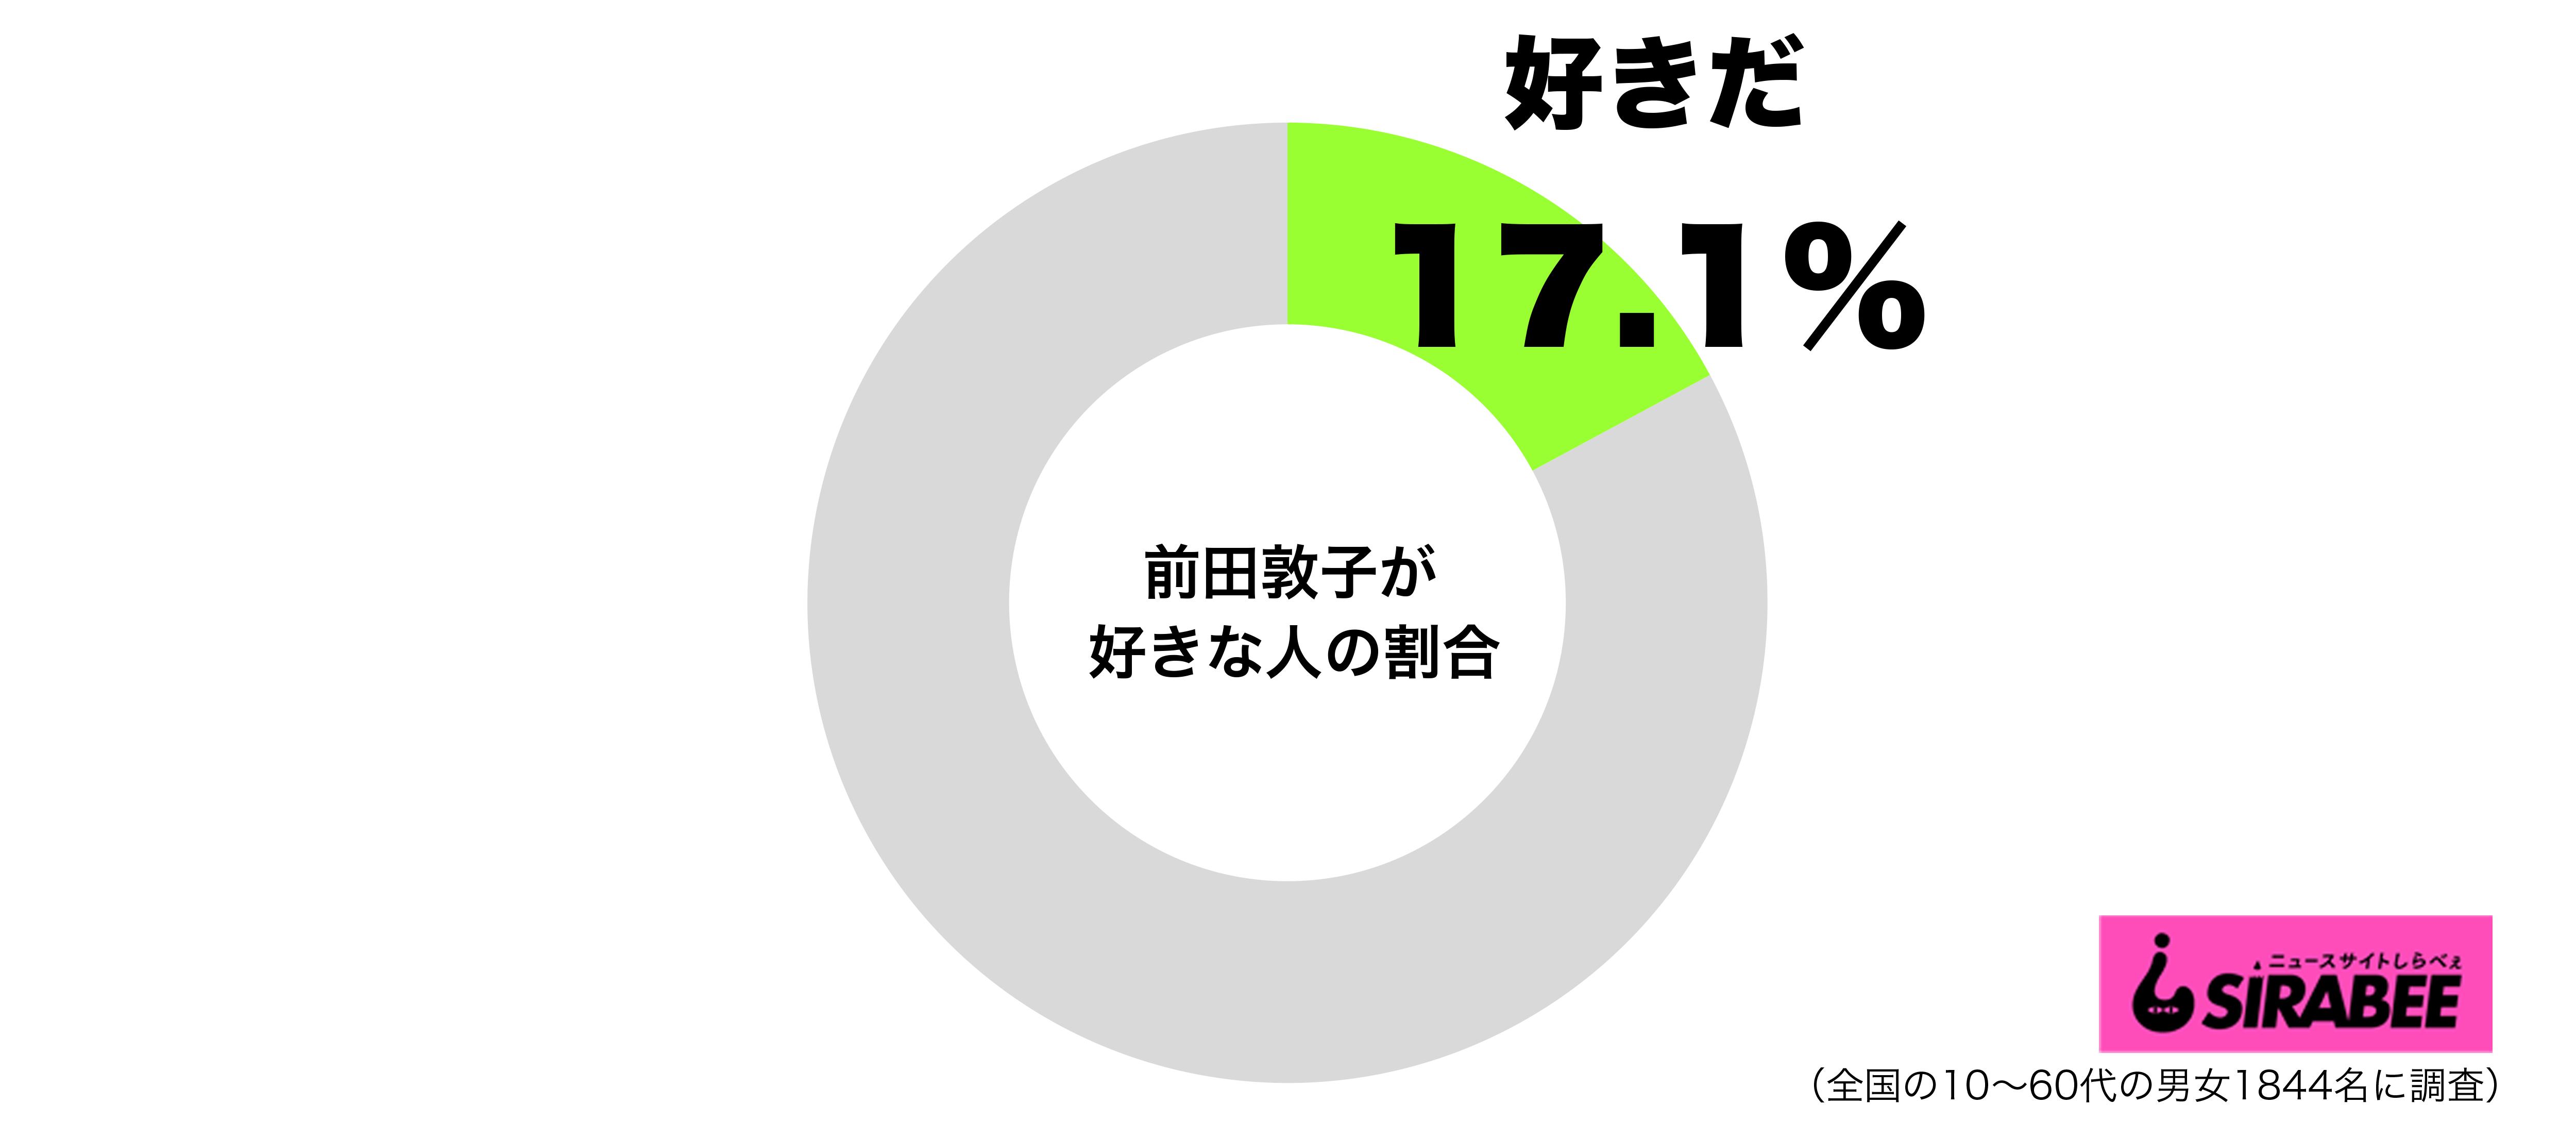 前田敦子が好きグラフ